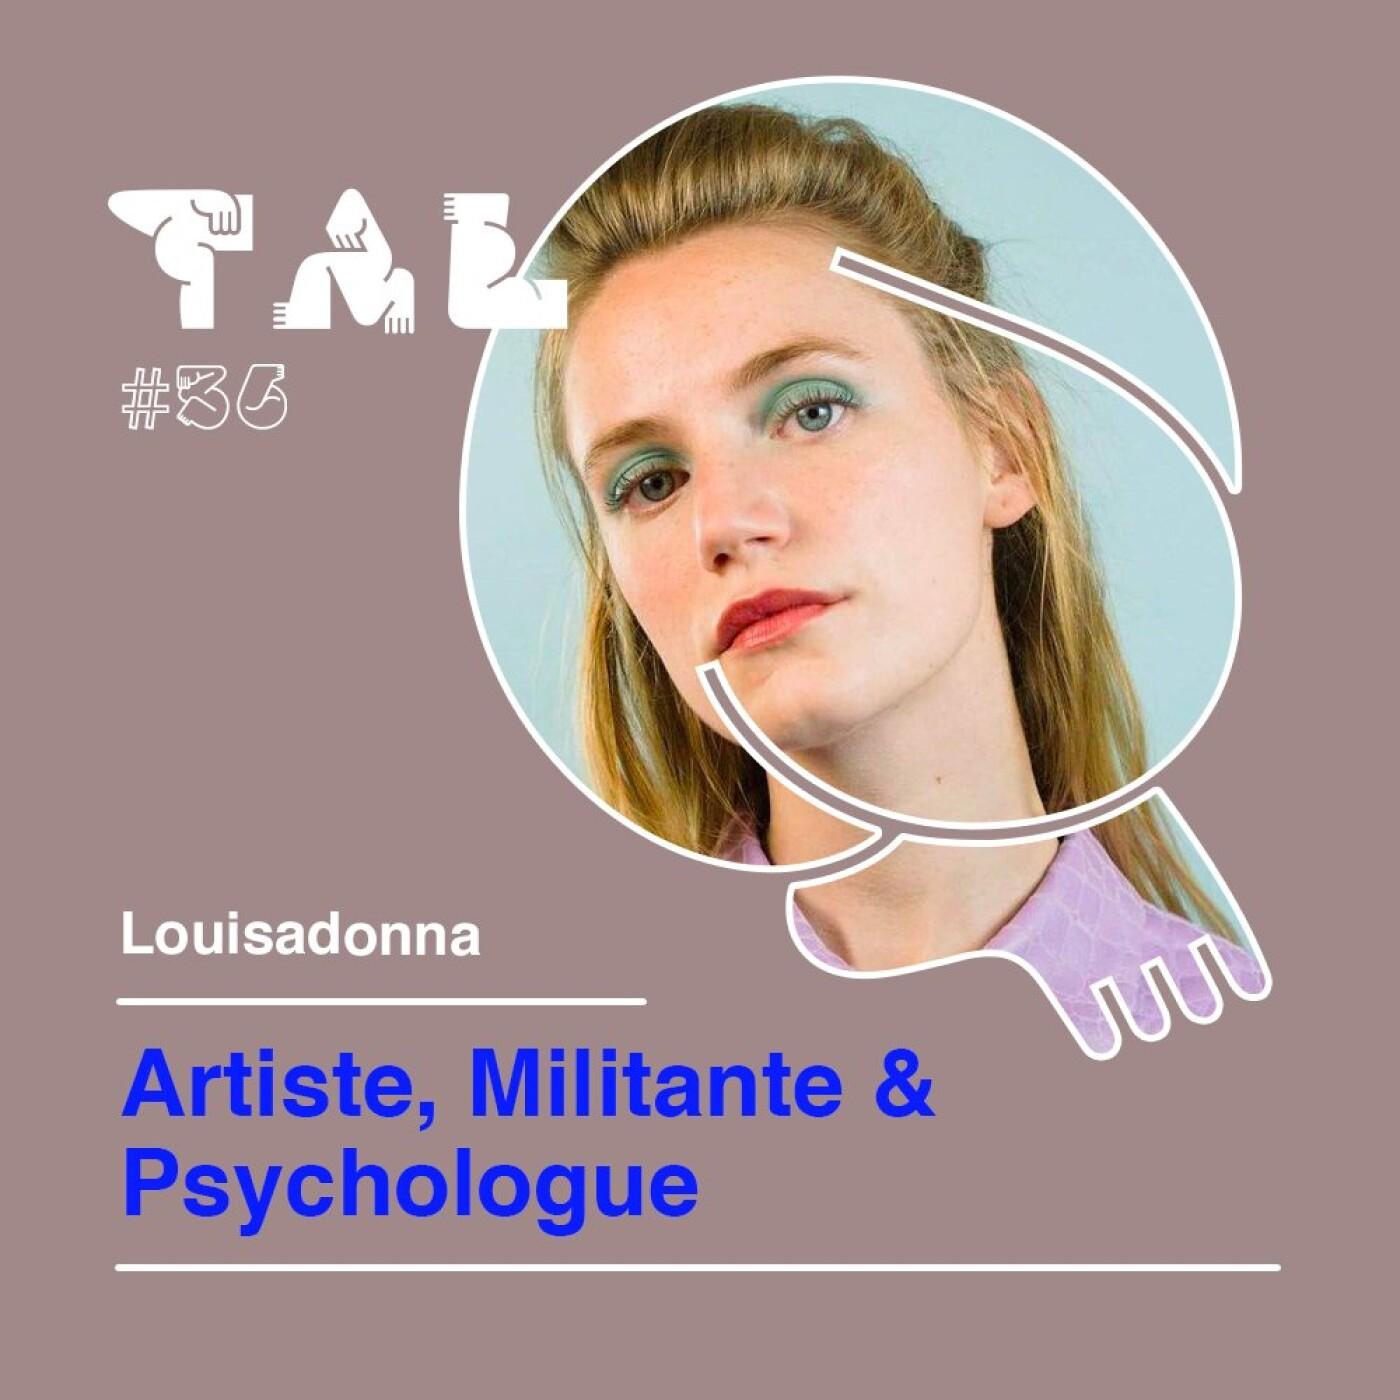 #36 - Louisadonna : Artiste, Militante & Psychologue pour les femmes victimes de violences et LGBT+